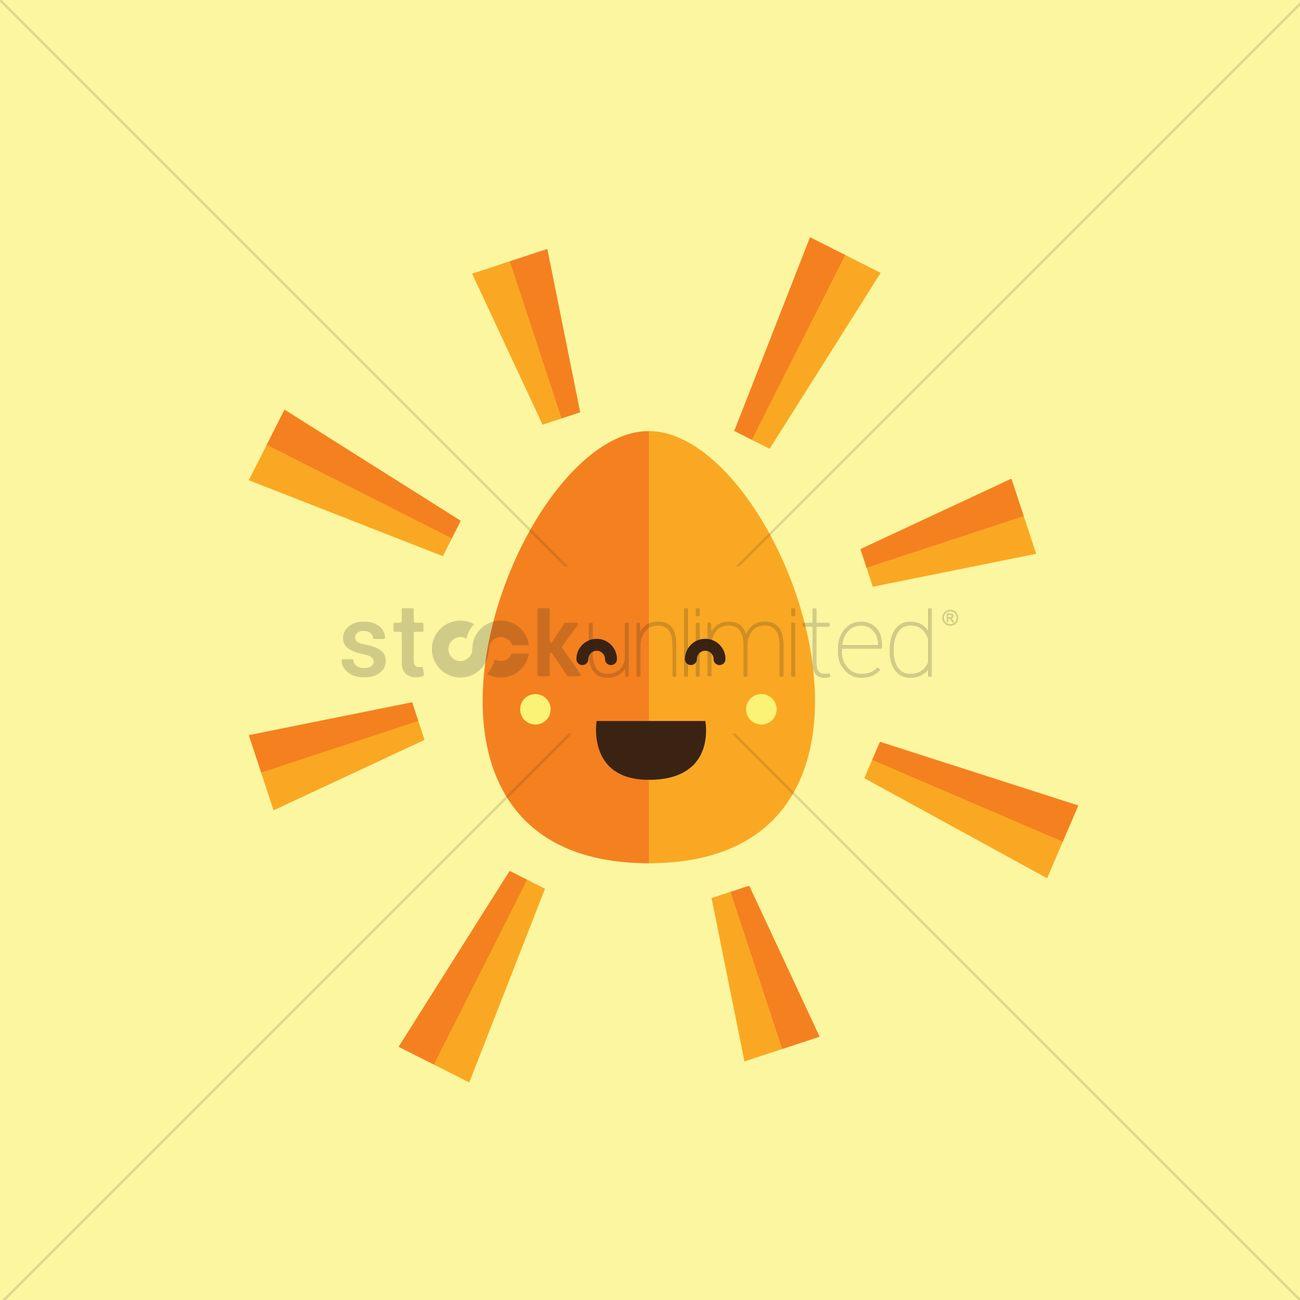 Sun icon Vector Image - 1984688 | StockUnlimited